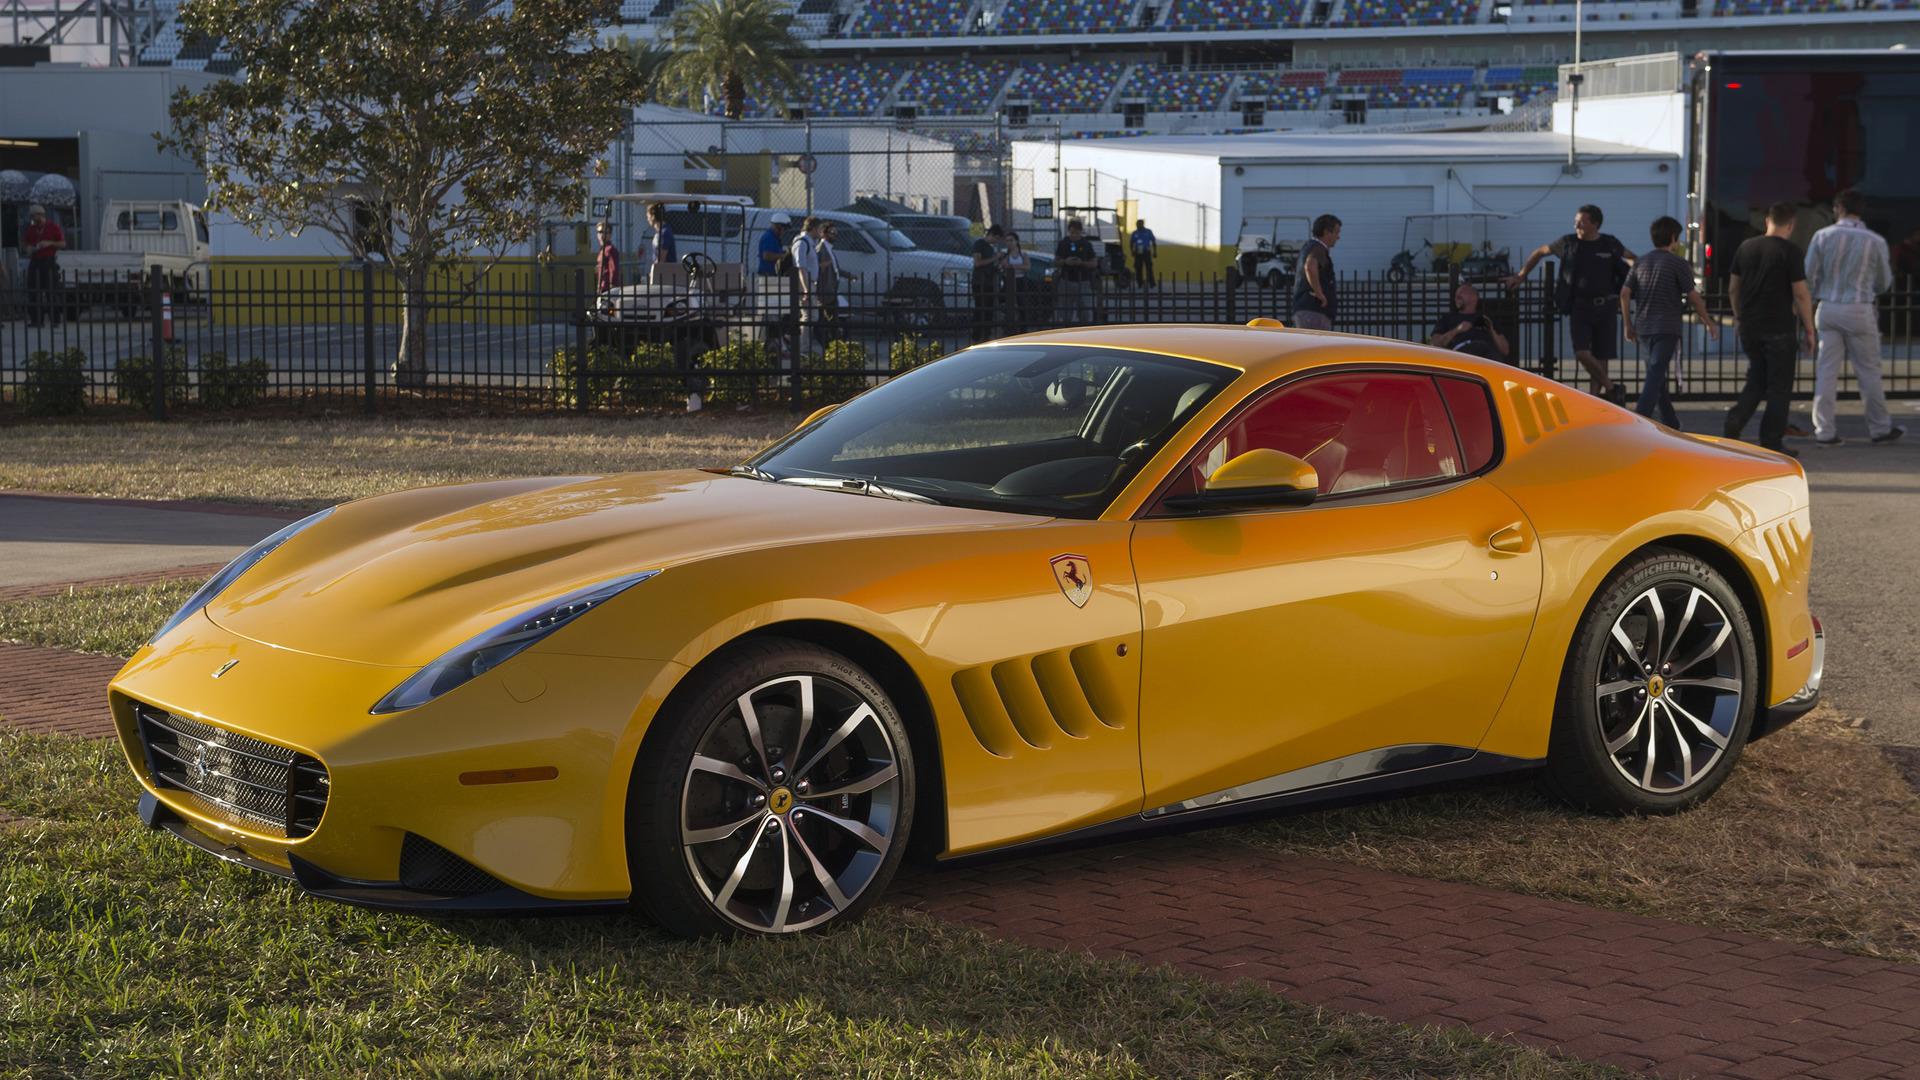 Ferrari SP275 Competizione: The Latest One-Off Supercar - Exotic Car on ferrari hd, ferrari 488gtb, ferrari tumblr, ferrari speed, ferrari red, ferrari side, ferrari xx, ferrari kit, ferrari fxx, ferrari cool desktop, ferrari 599xx, ferrari the ferrari, ferrari nyan cat, ferrari gtr, ferrari ipo, ferrari dream girl, ferrari front, ferrari gta, ferrari gallardo,